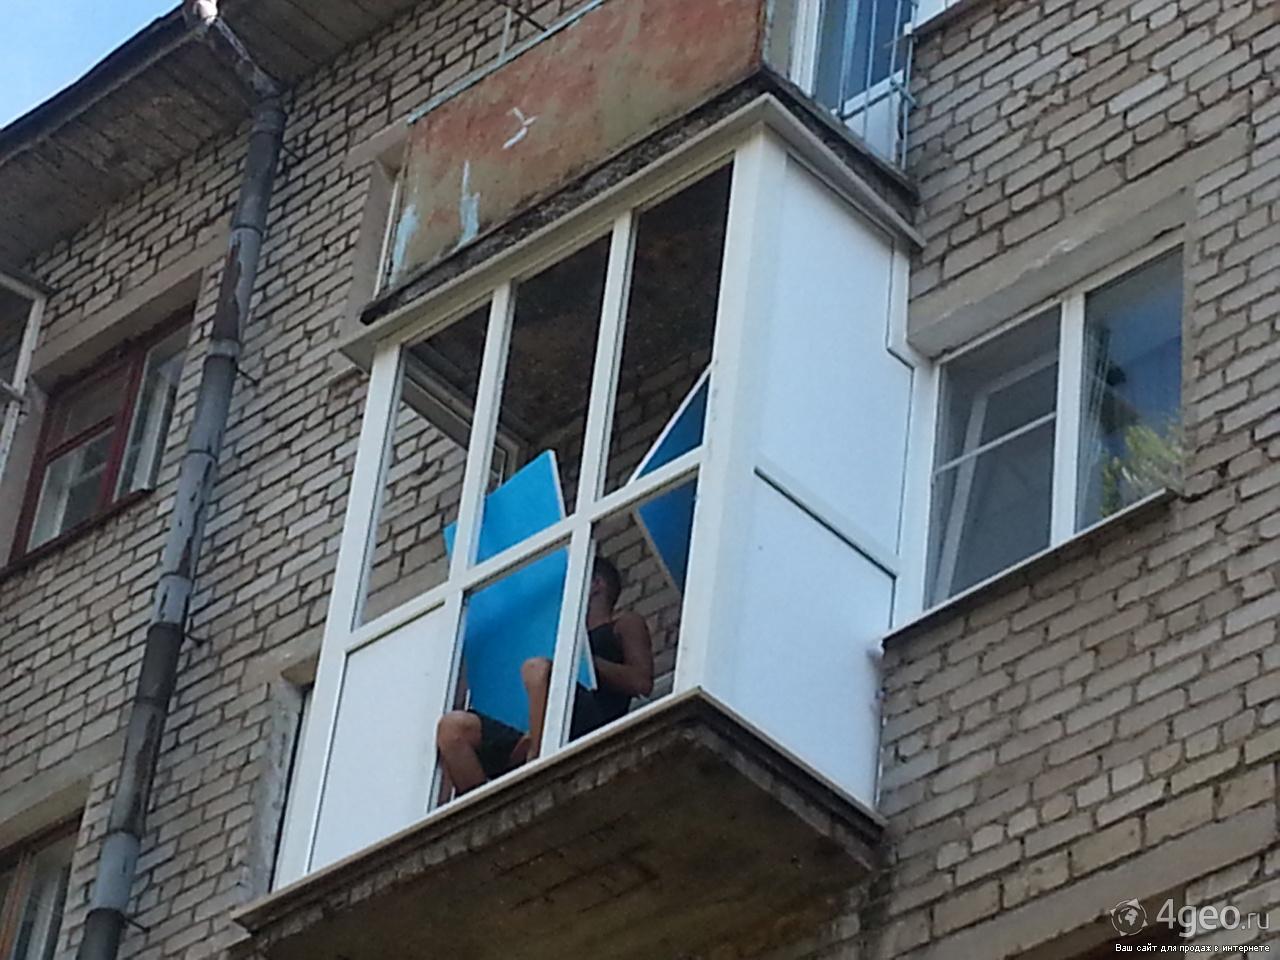 Сервис плюс окна остекление балконов, лоджий ремонт окон, г..